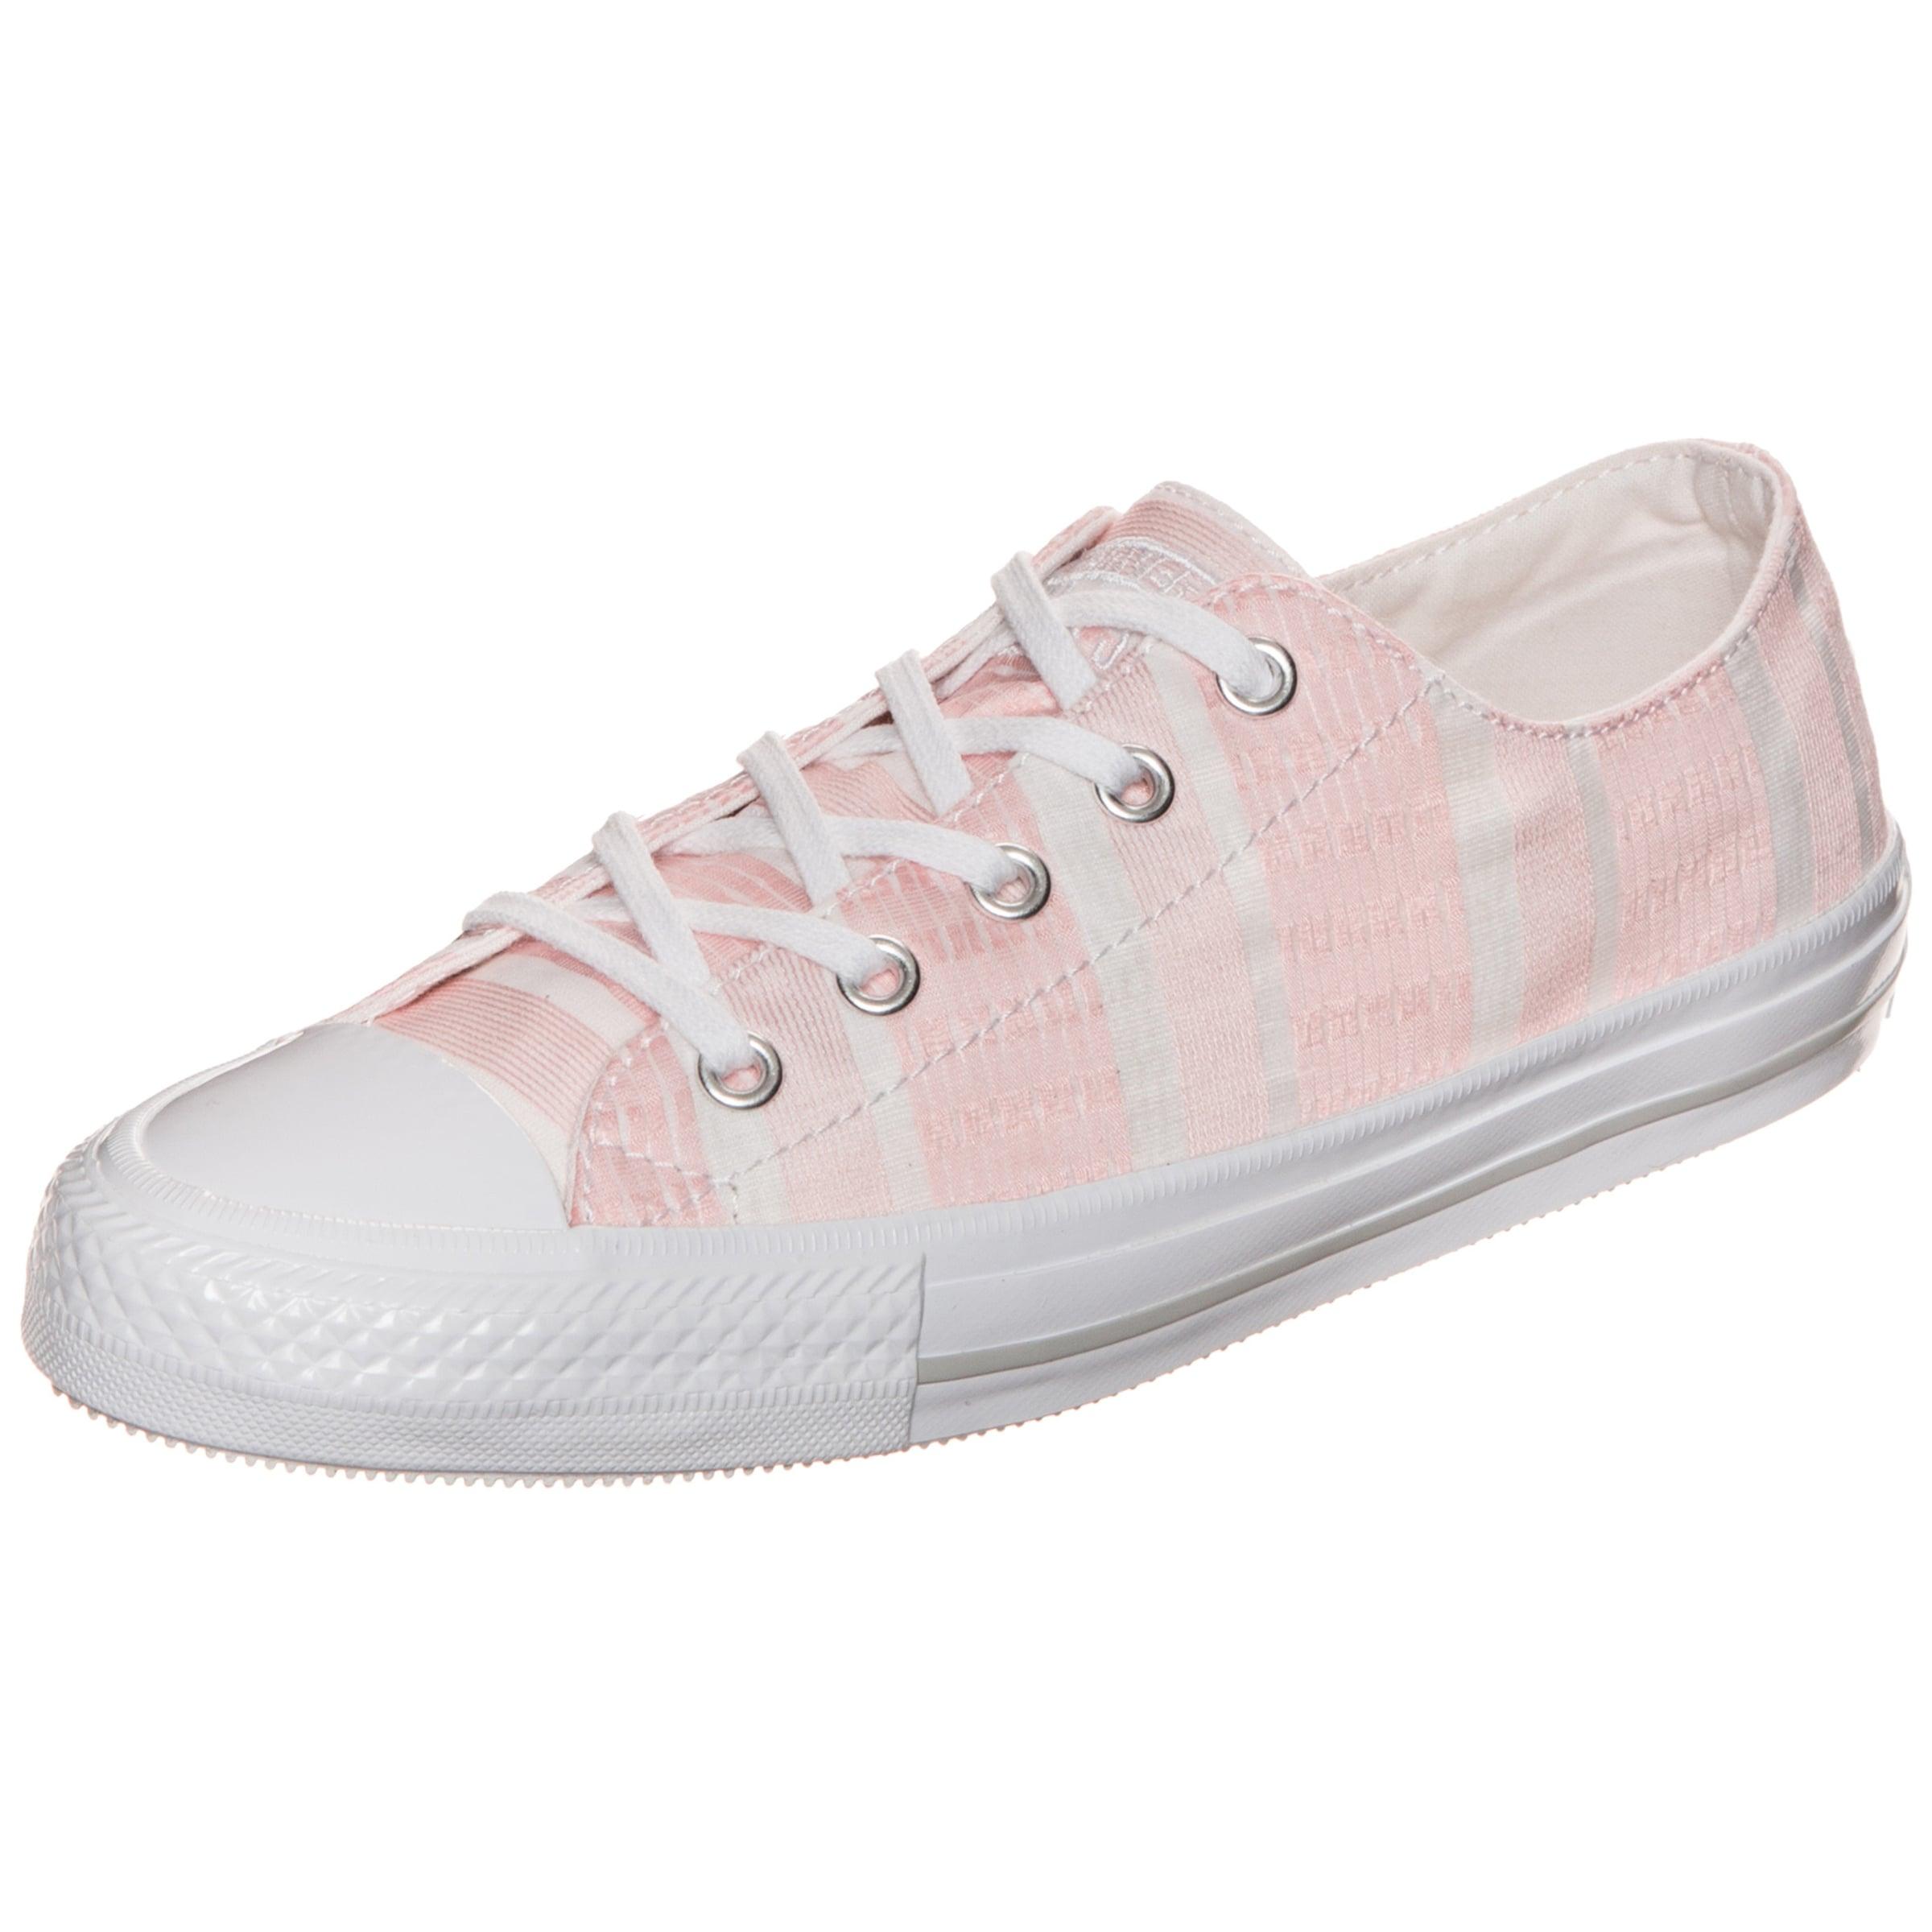 CONVERSE Sneaker Chuck Taylor All Star  Gemma OX